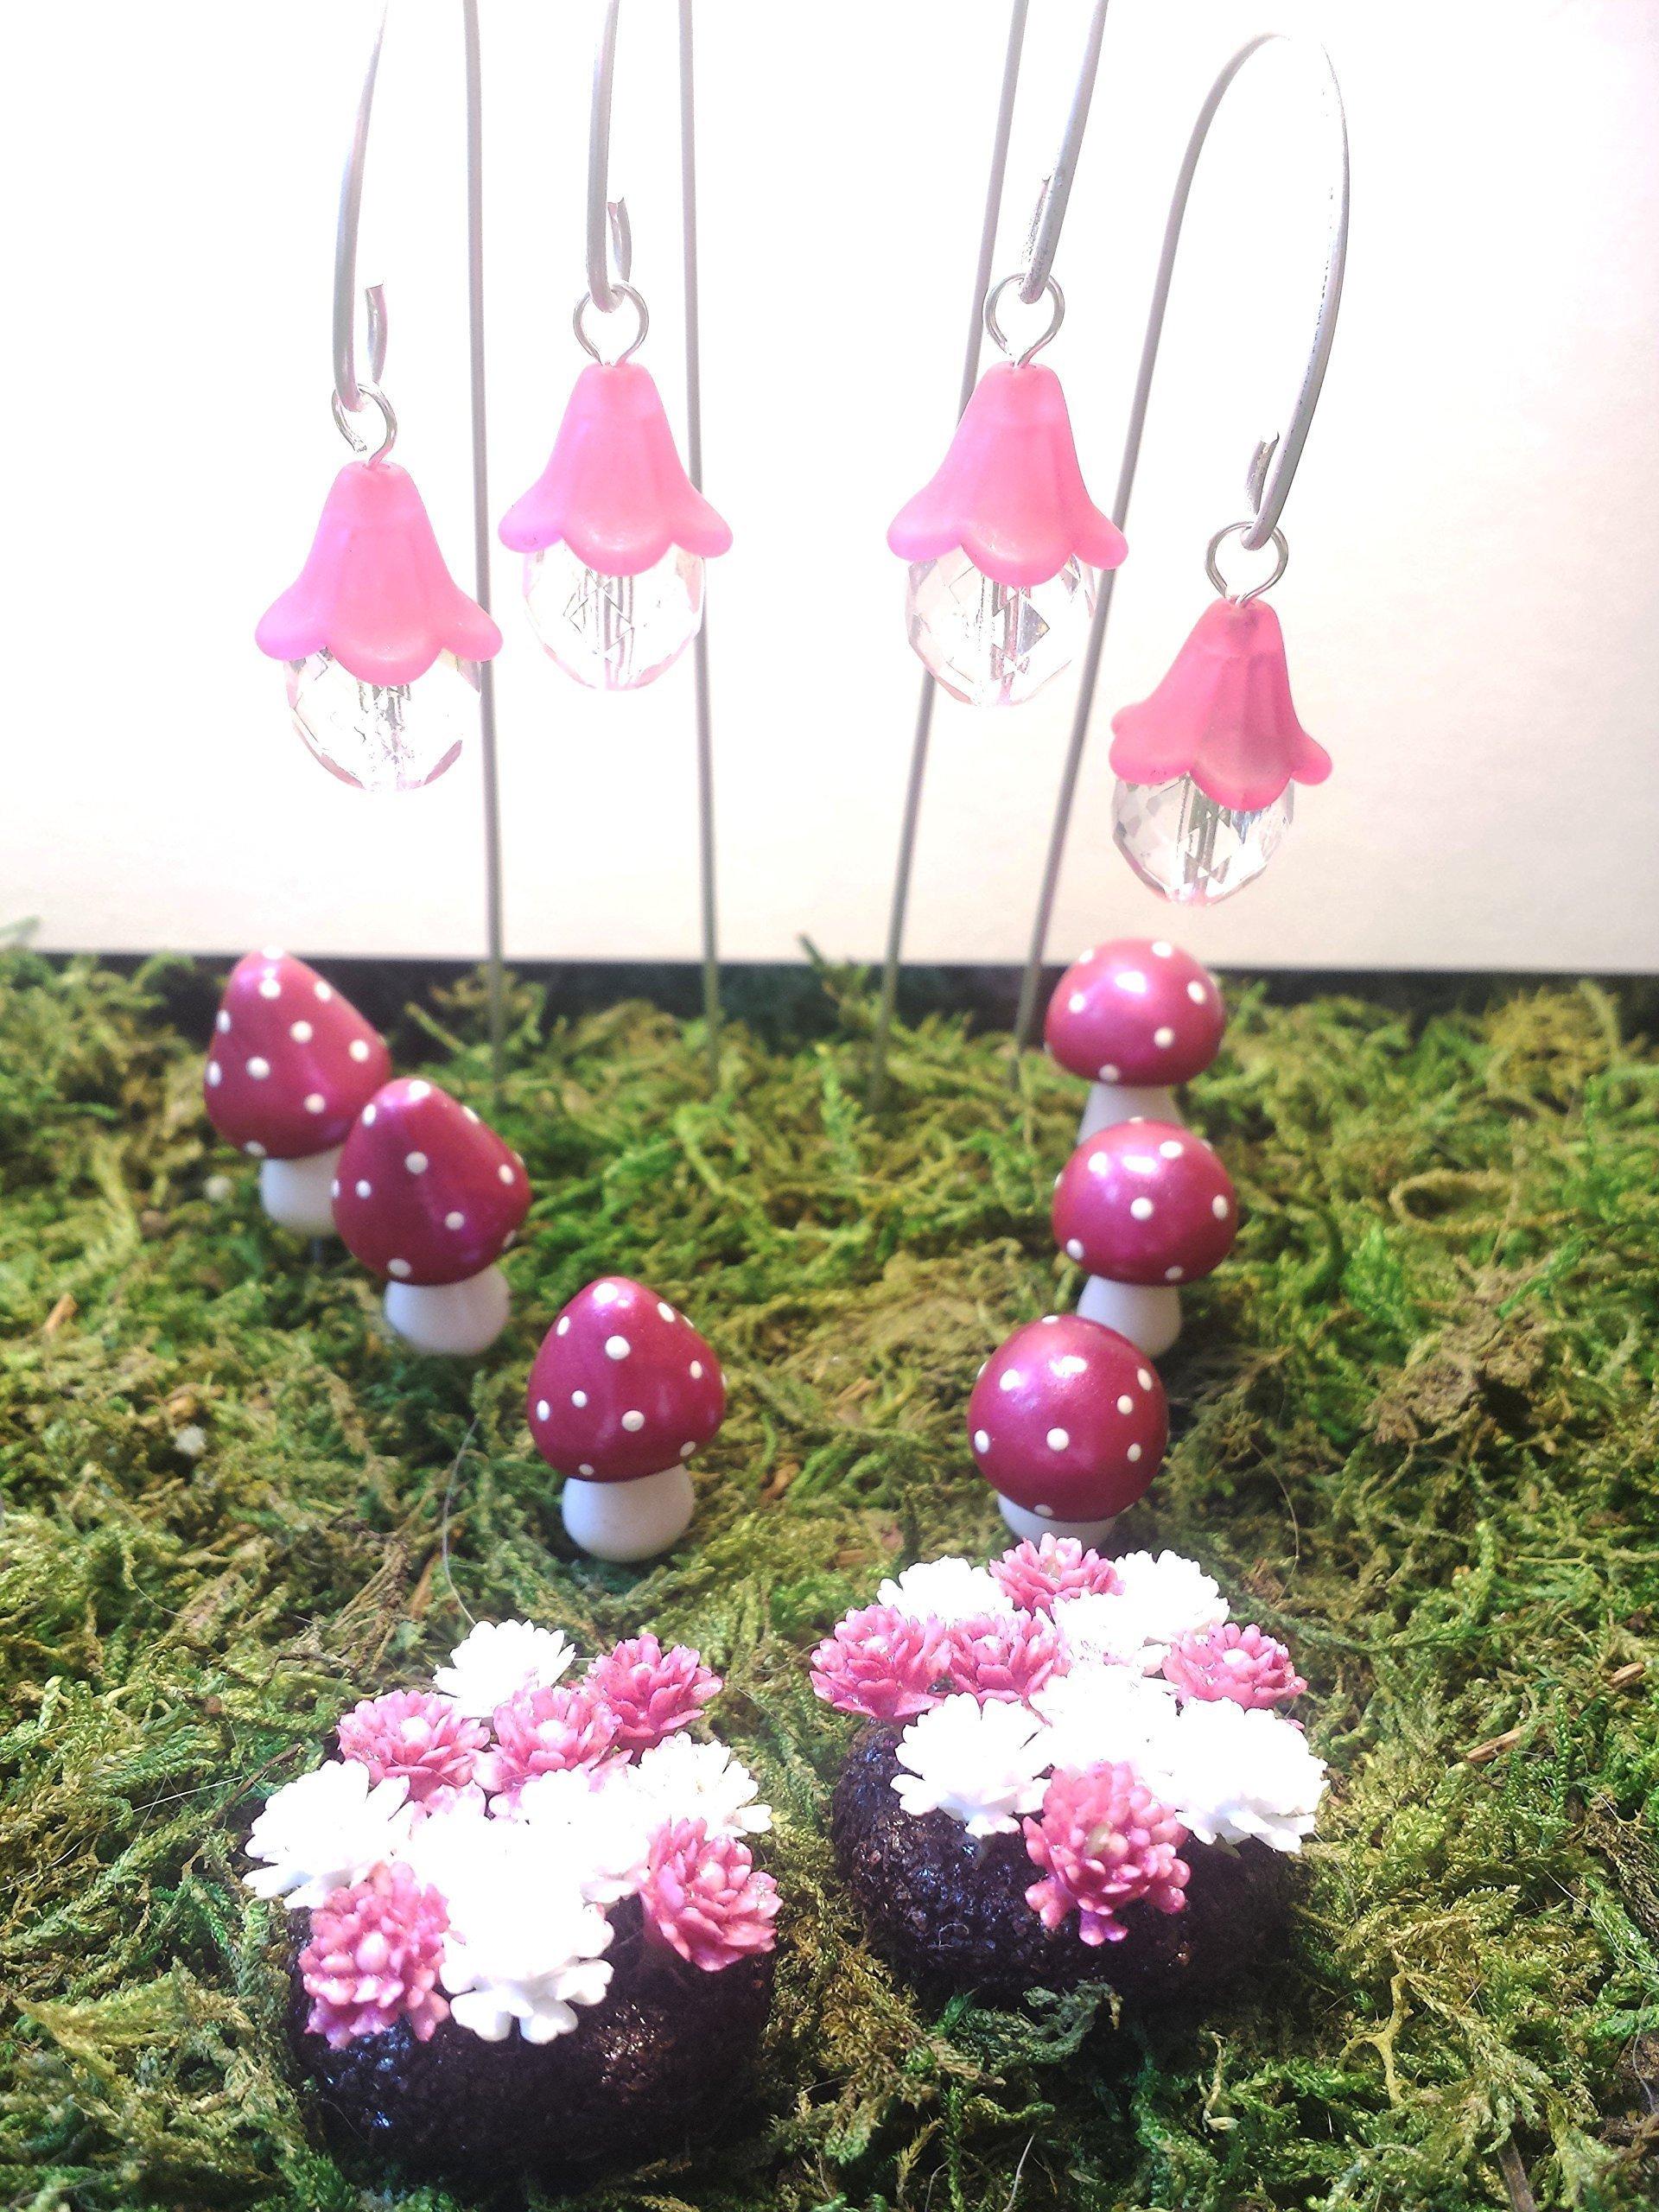 Pink fairy lights and pink miniature mushrooms Fairy garden accessories 10 piece set Terrarium d/écor.